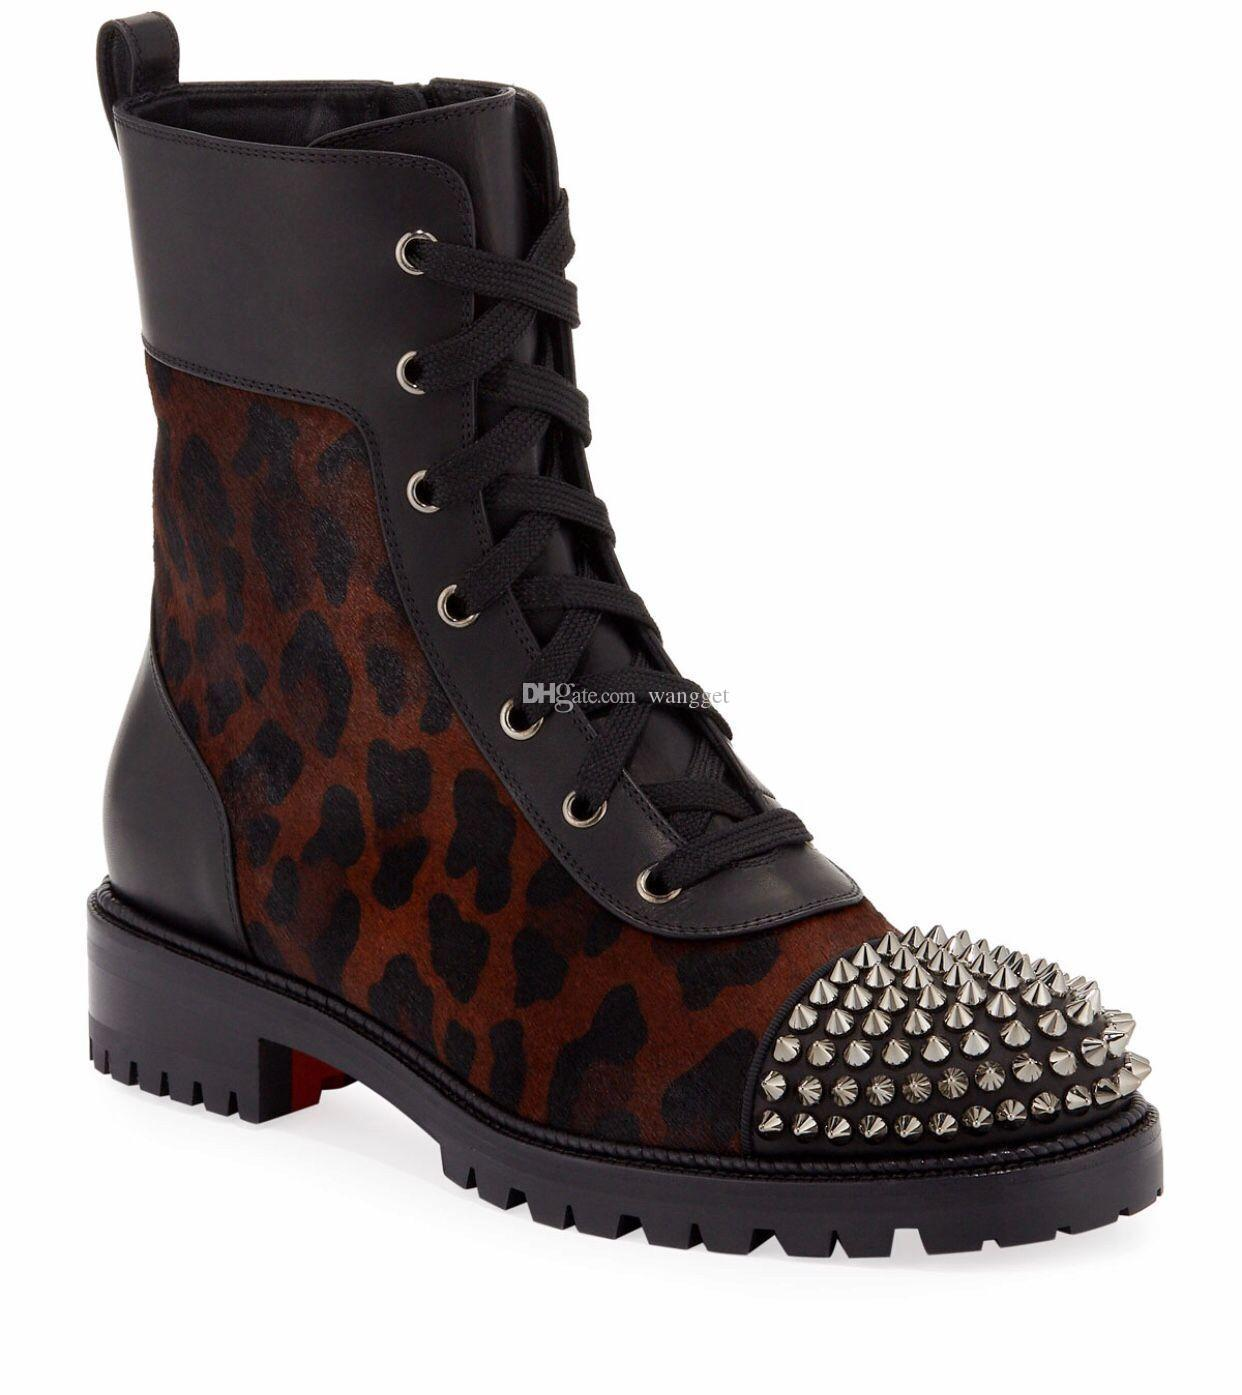 Moda marca inverno ts croc botas mulheres vermelhas tornozelo botas senhora montanhas leopard couro picos vermelhos sola bottes botas de combate motocicleta